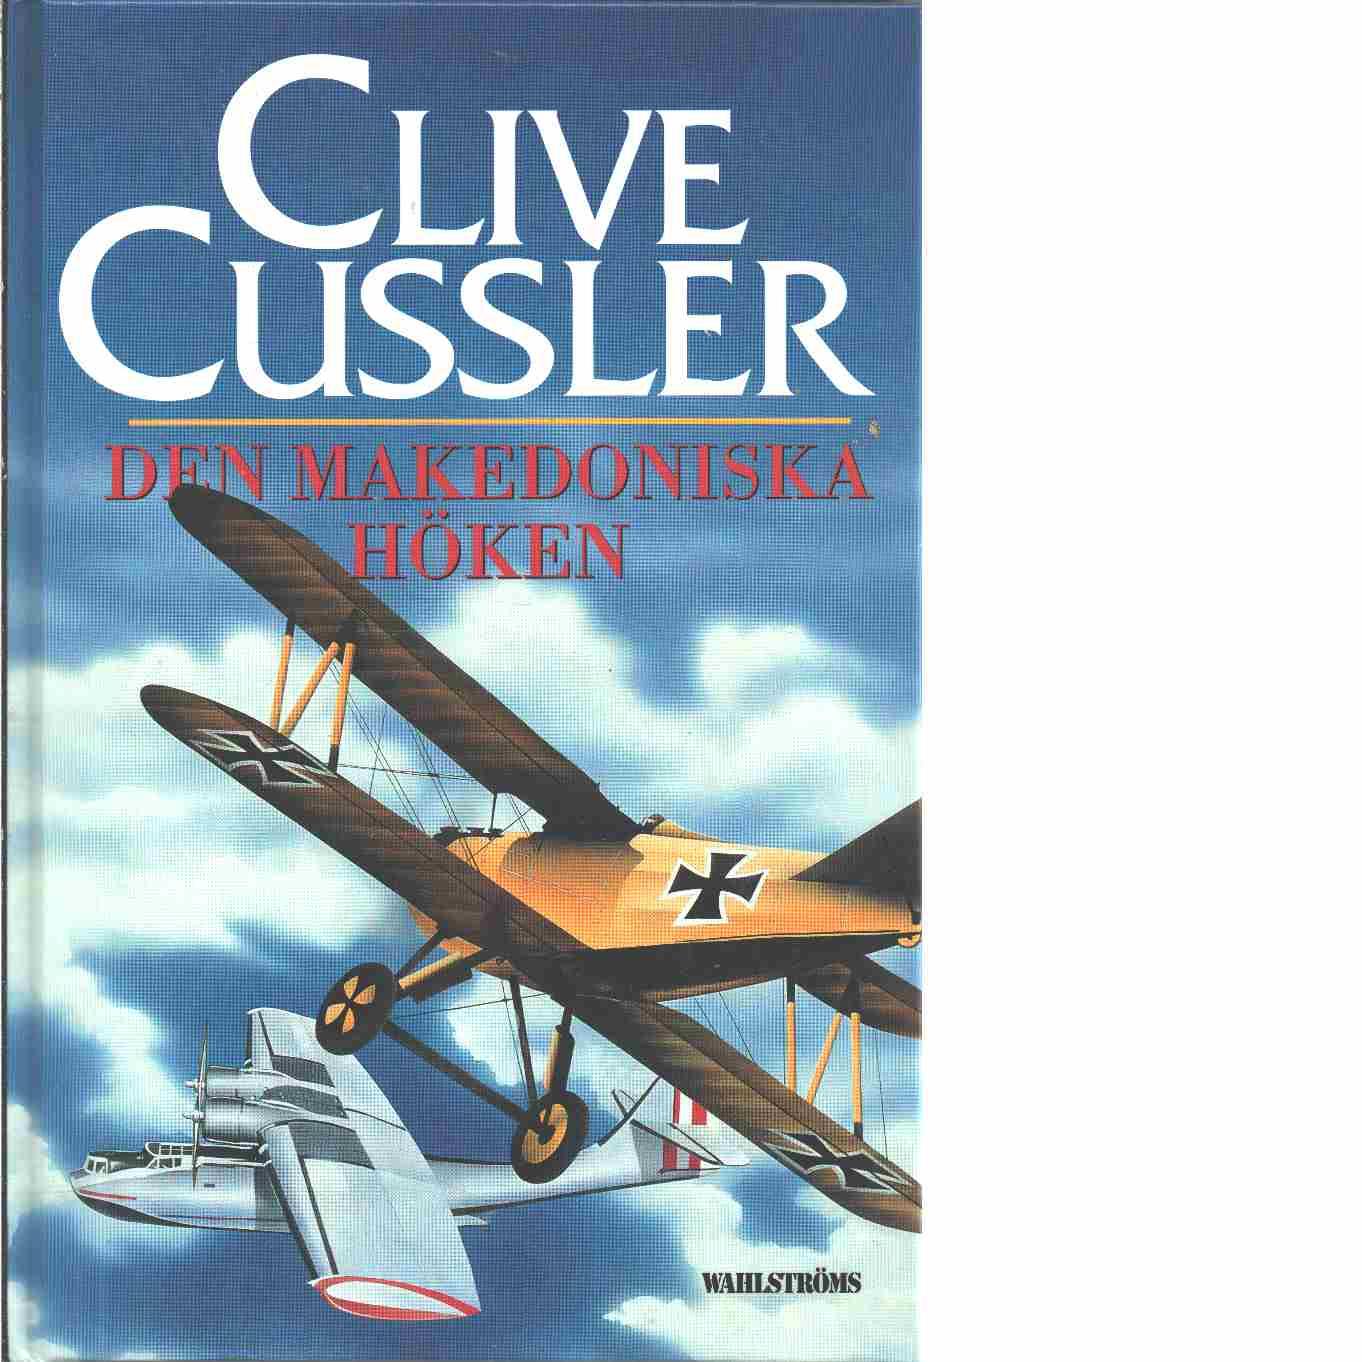 Den makedoniska höken - Cussler, Clive